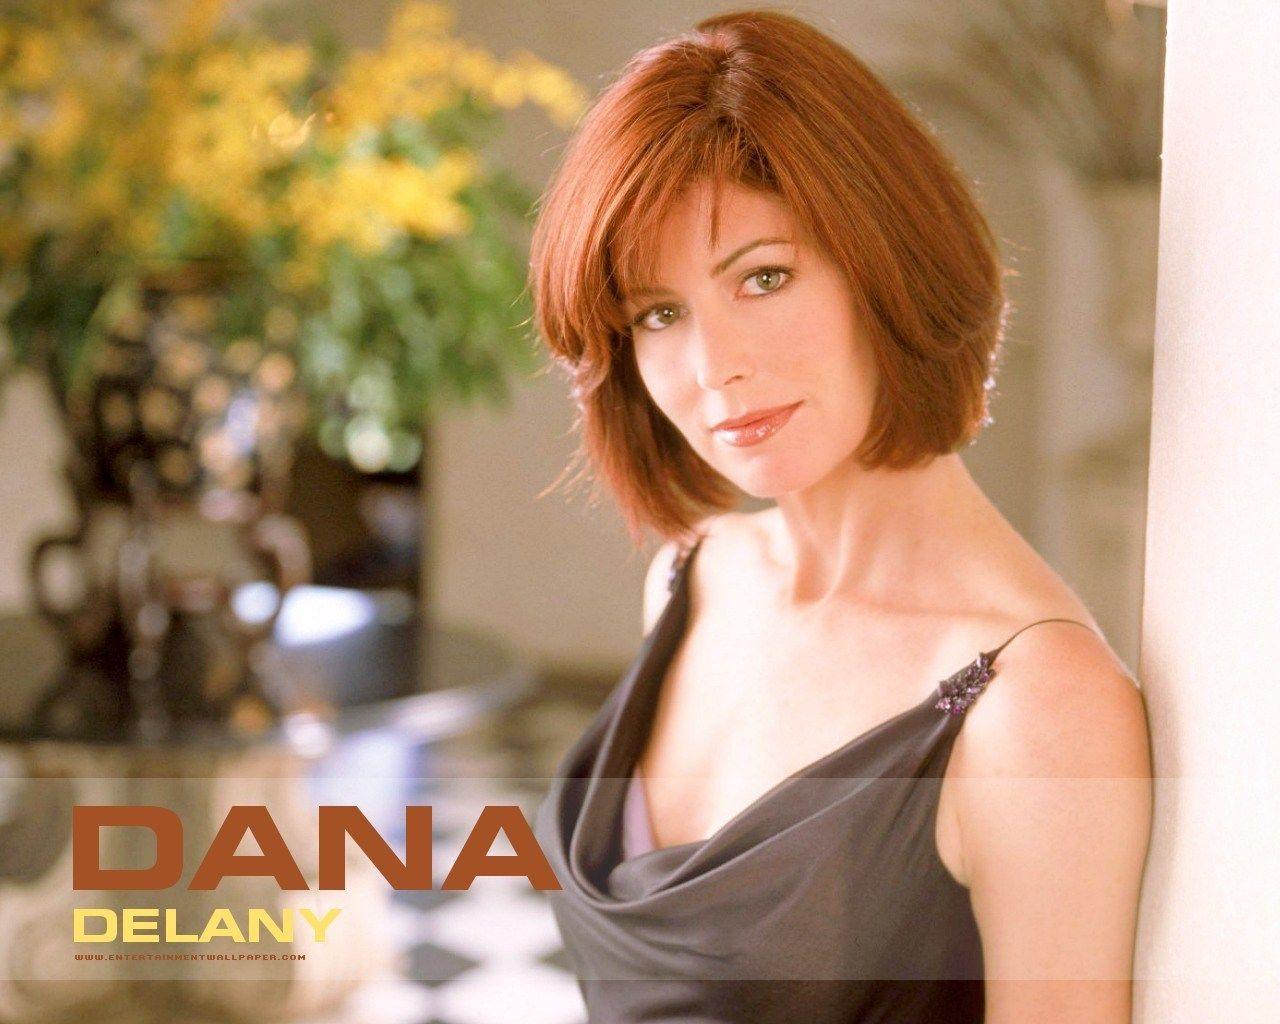 Dana Delany Nude Photos dana delany-   dana delany   dana delany, actresses